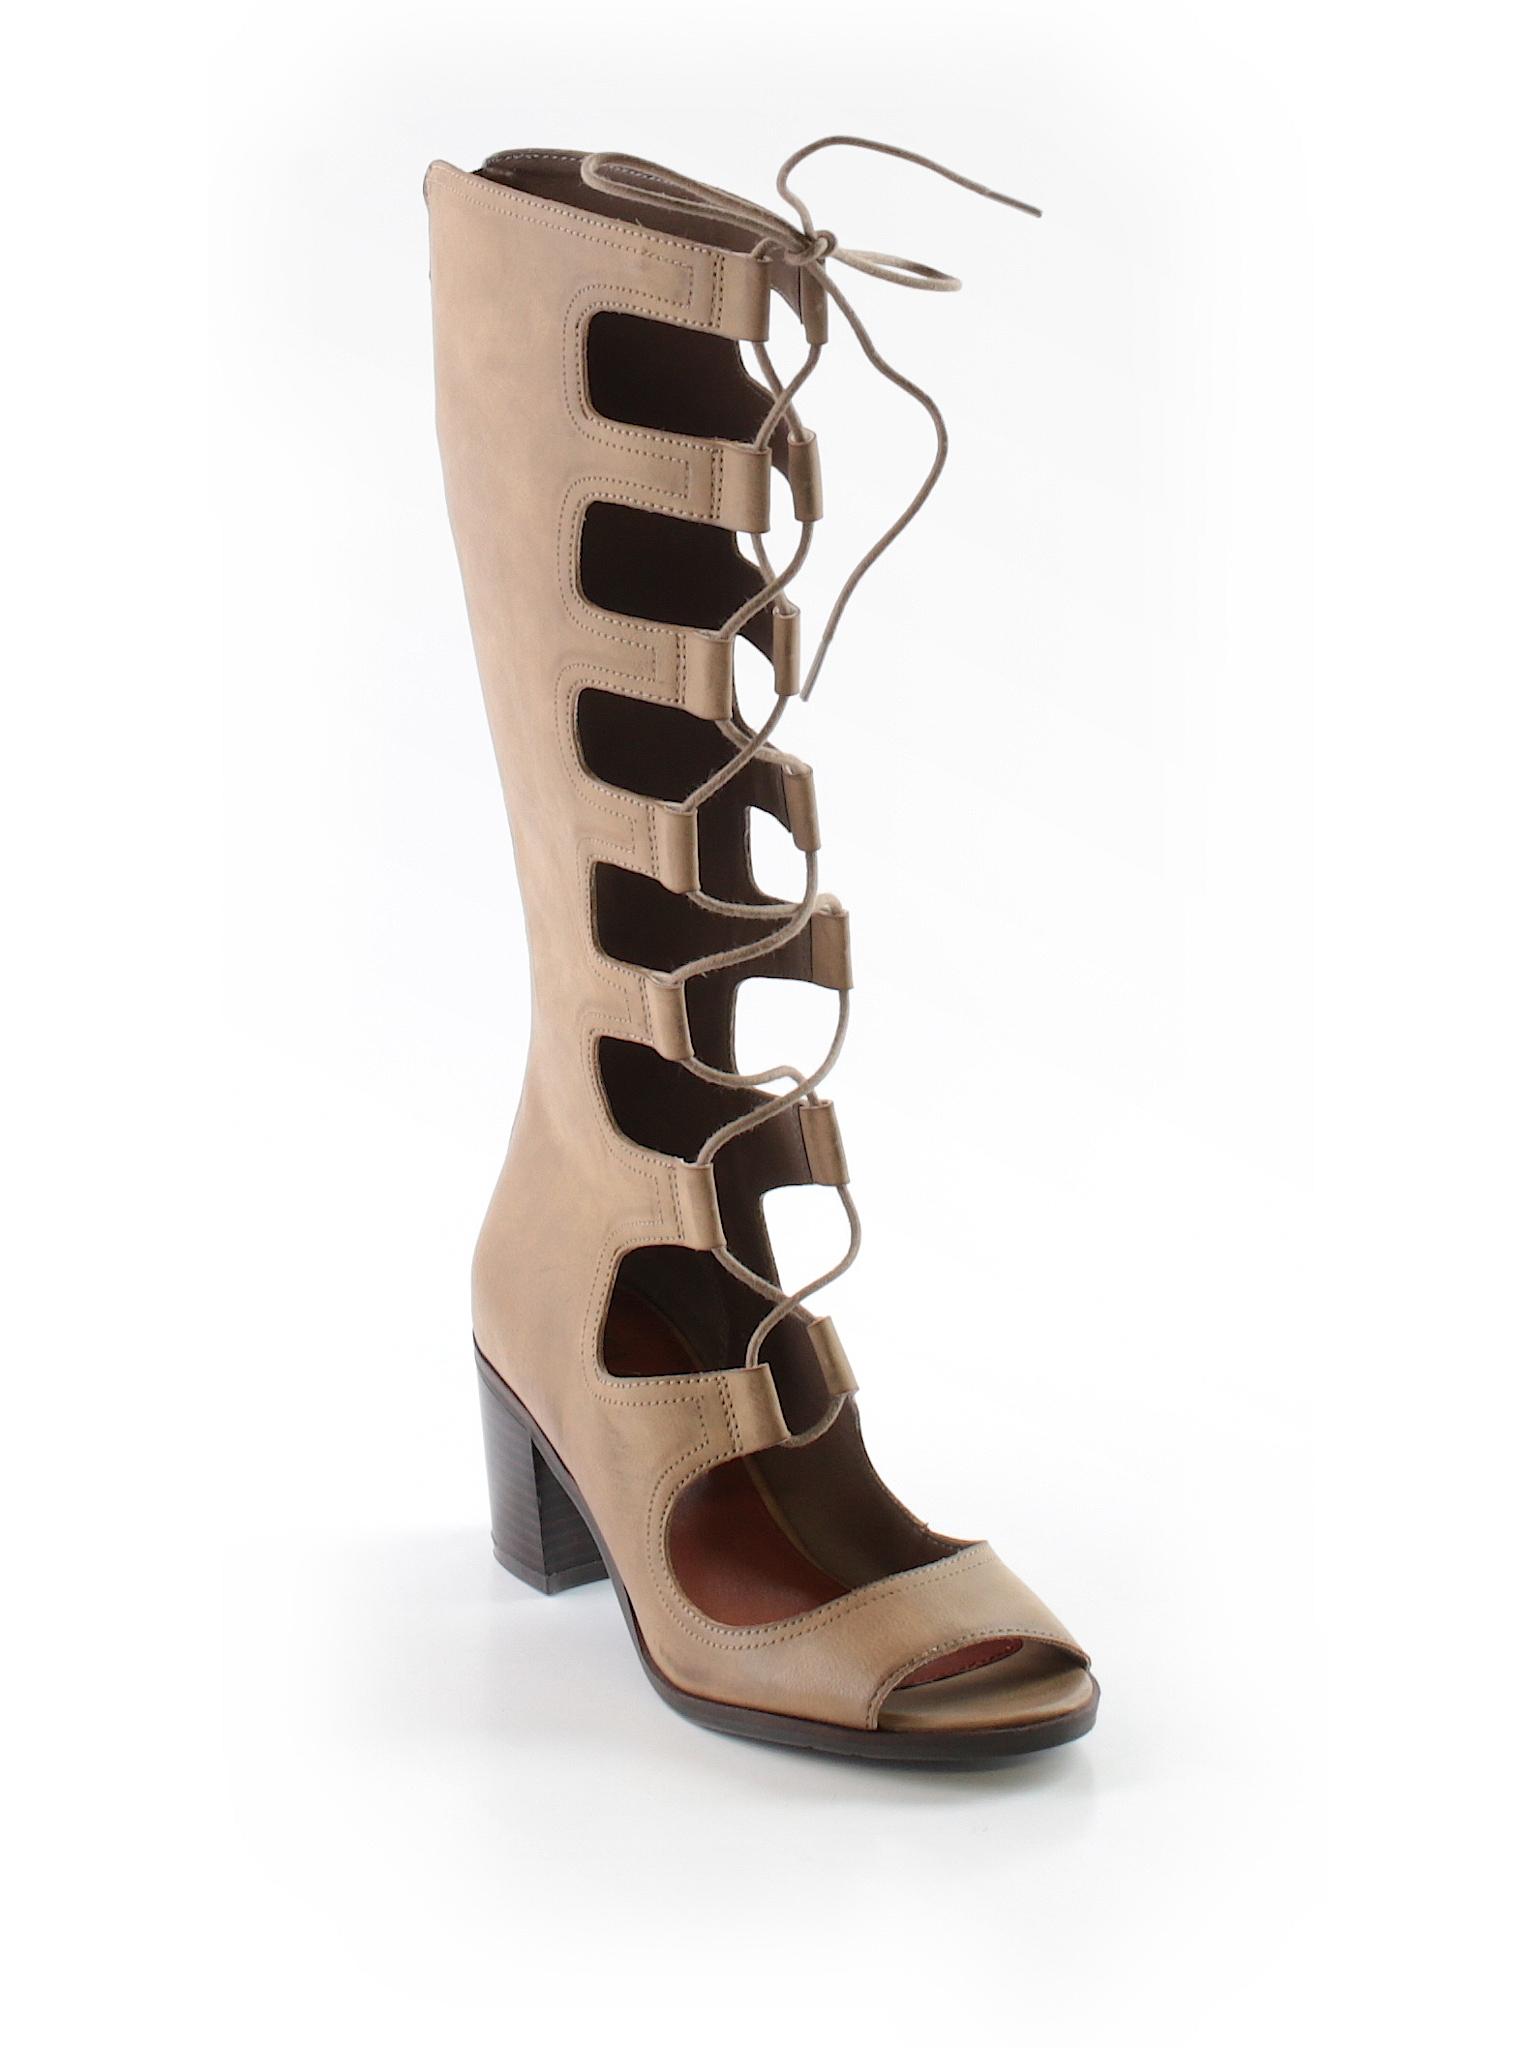 Boutique promotion Mia Boots promotion promotion Boots Mia Boutique Boutique Boots Mia FrqErw